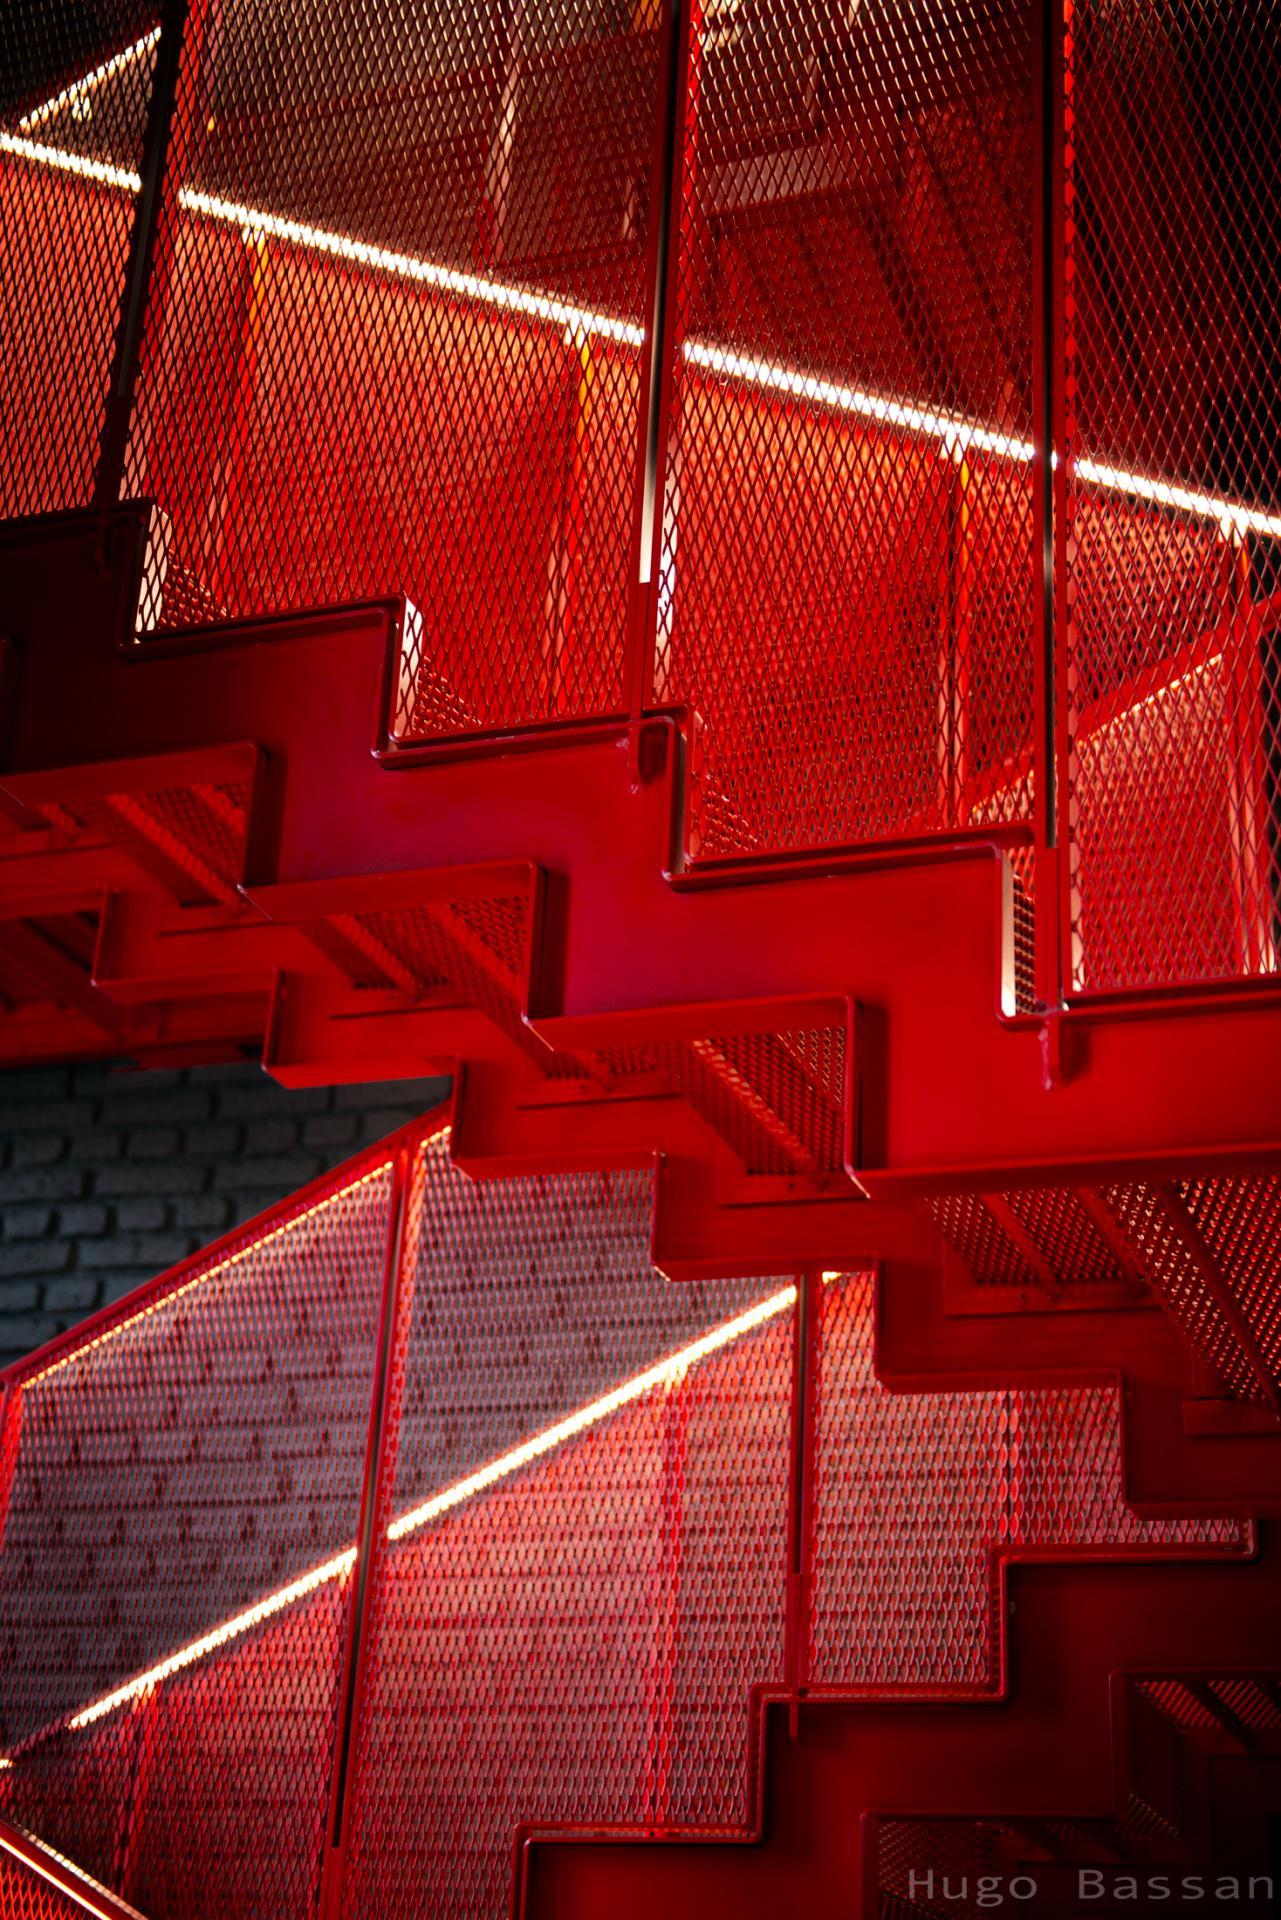 Escalier Ray-Ban Milano